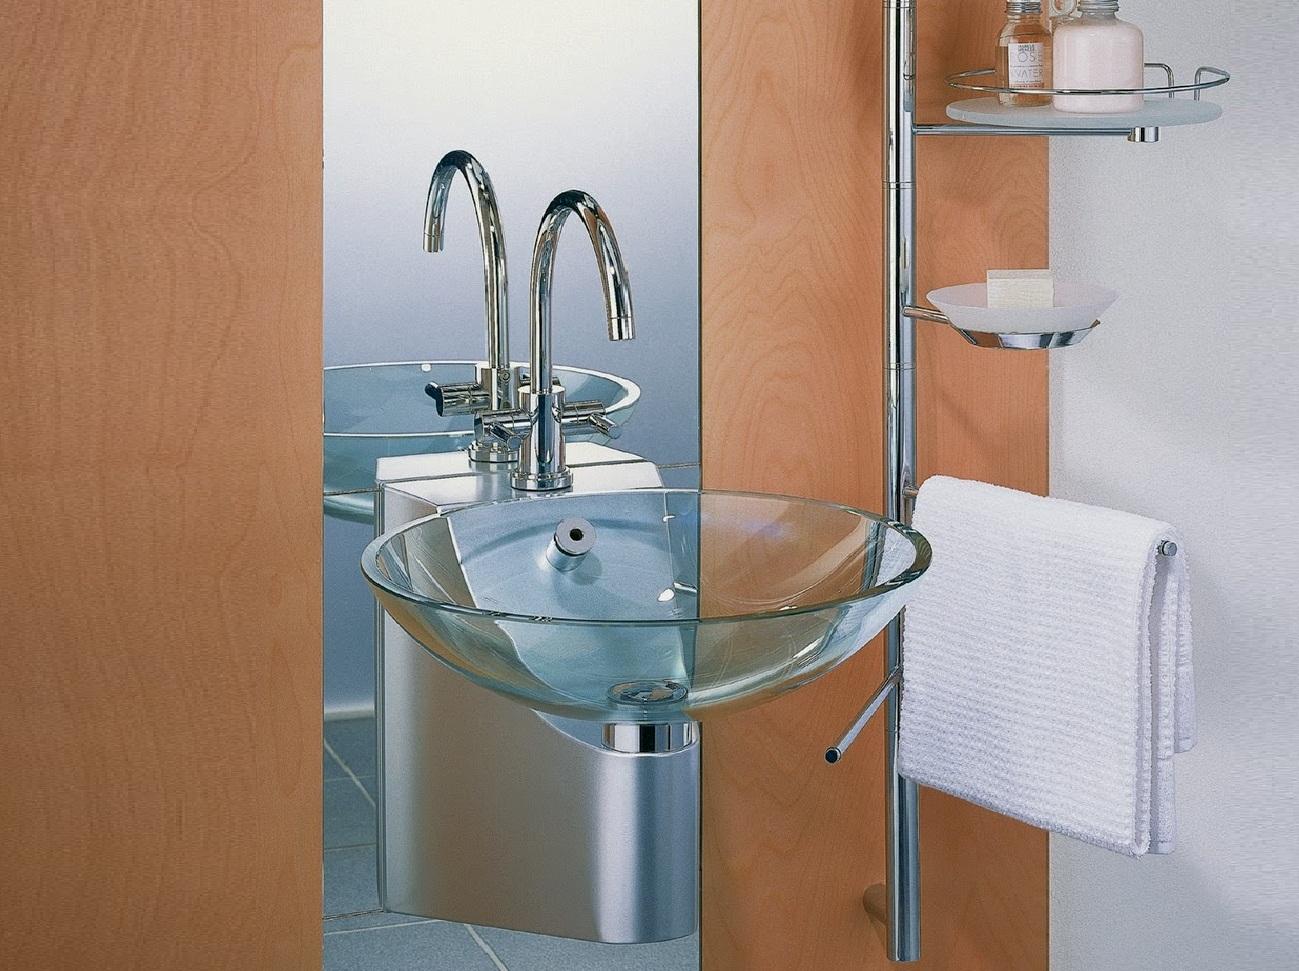 Стеклянная сантехника в ванной